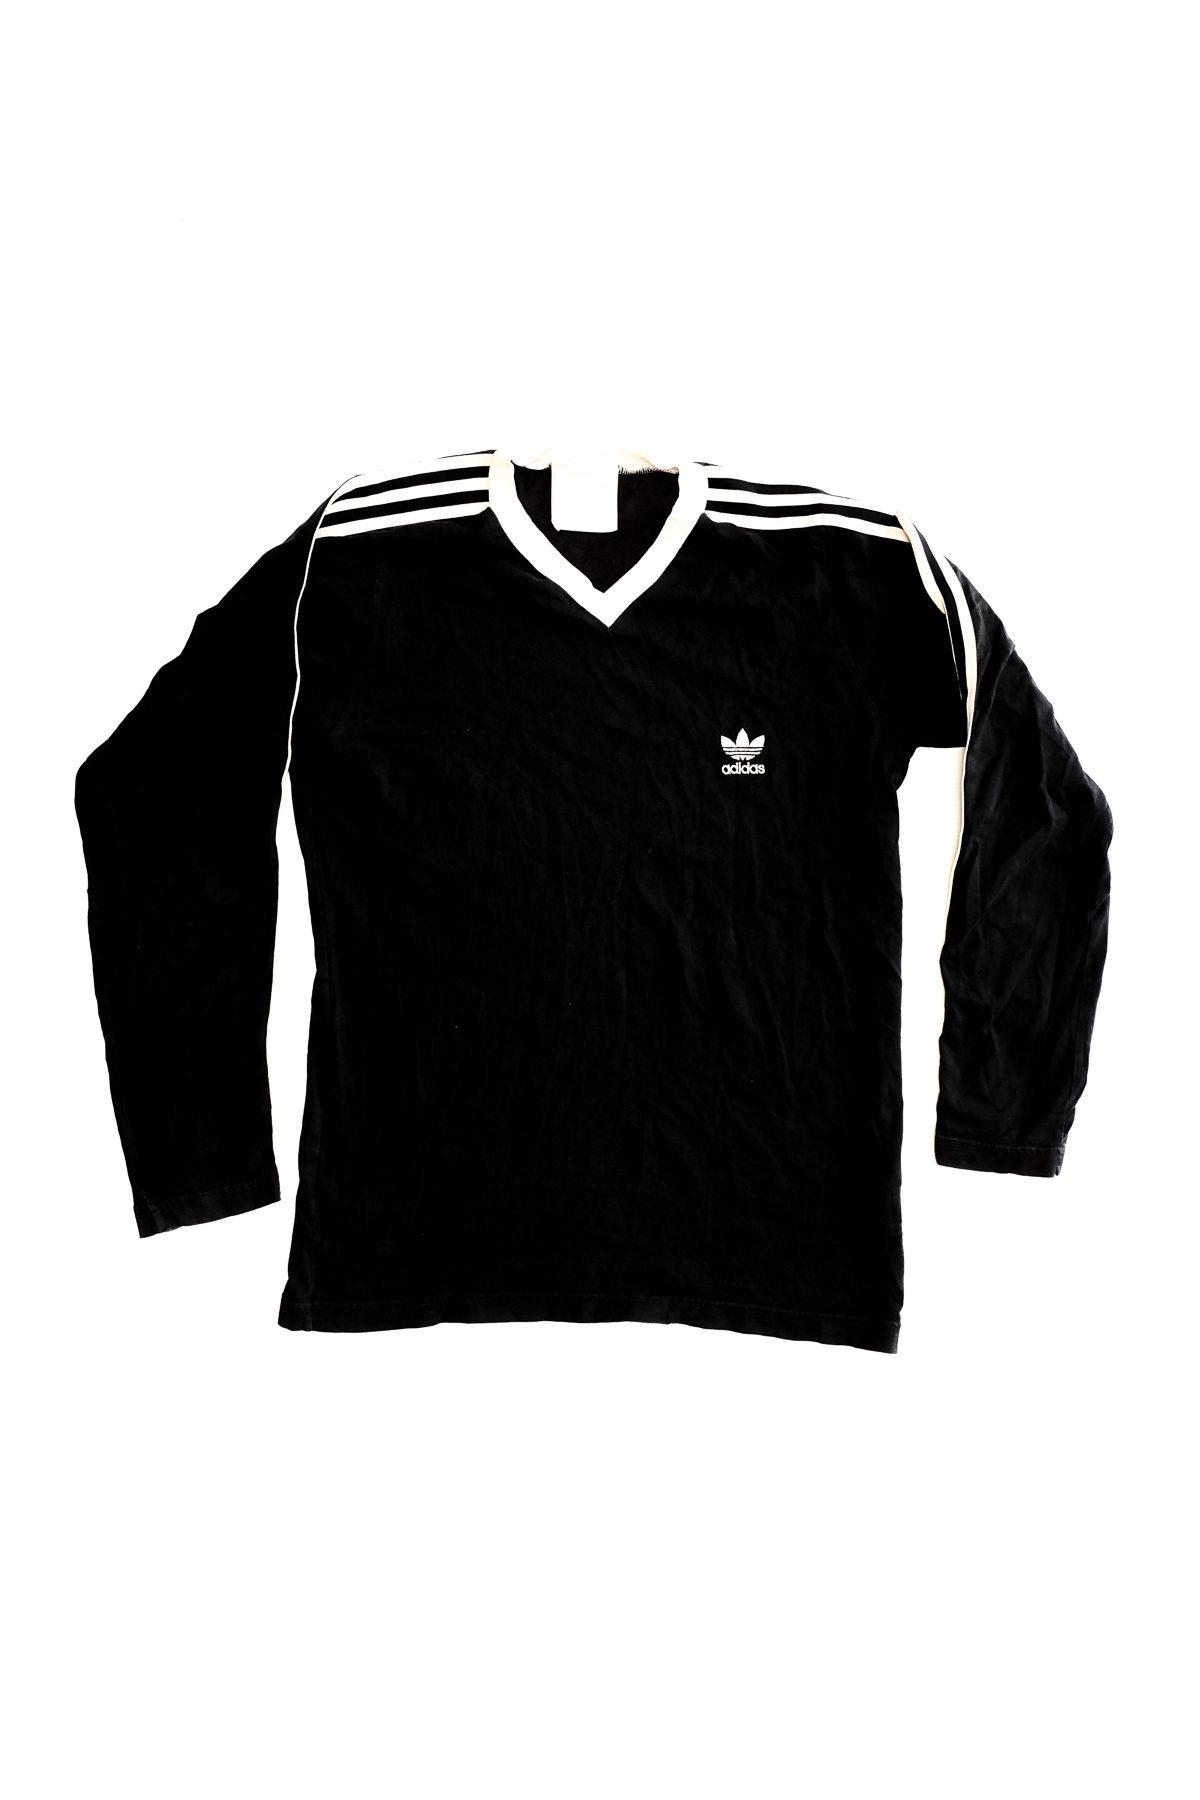 Adidas Felpa VINTAGE Black